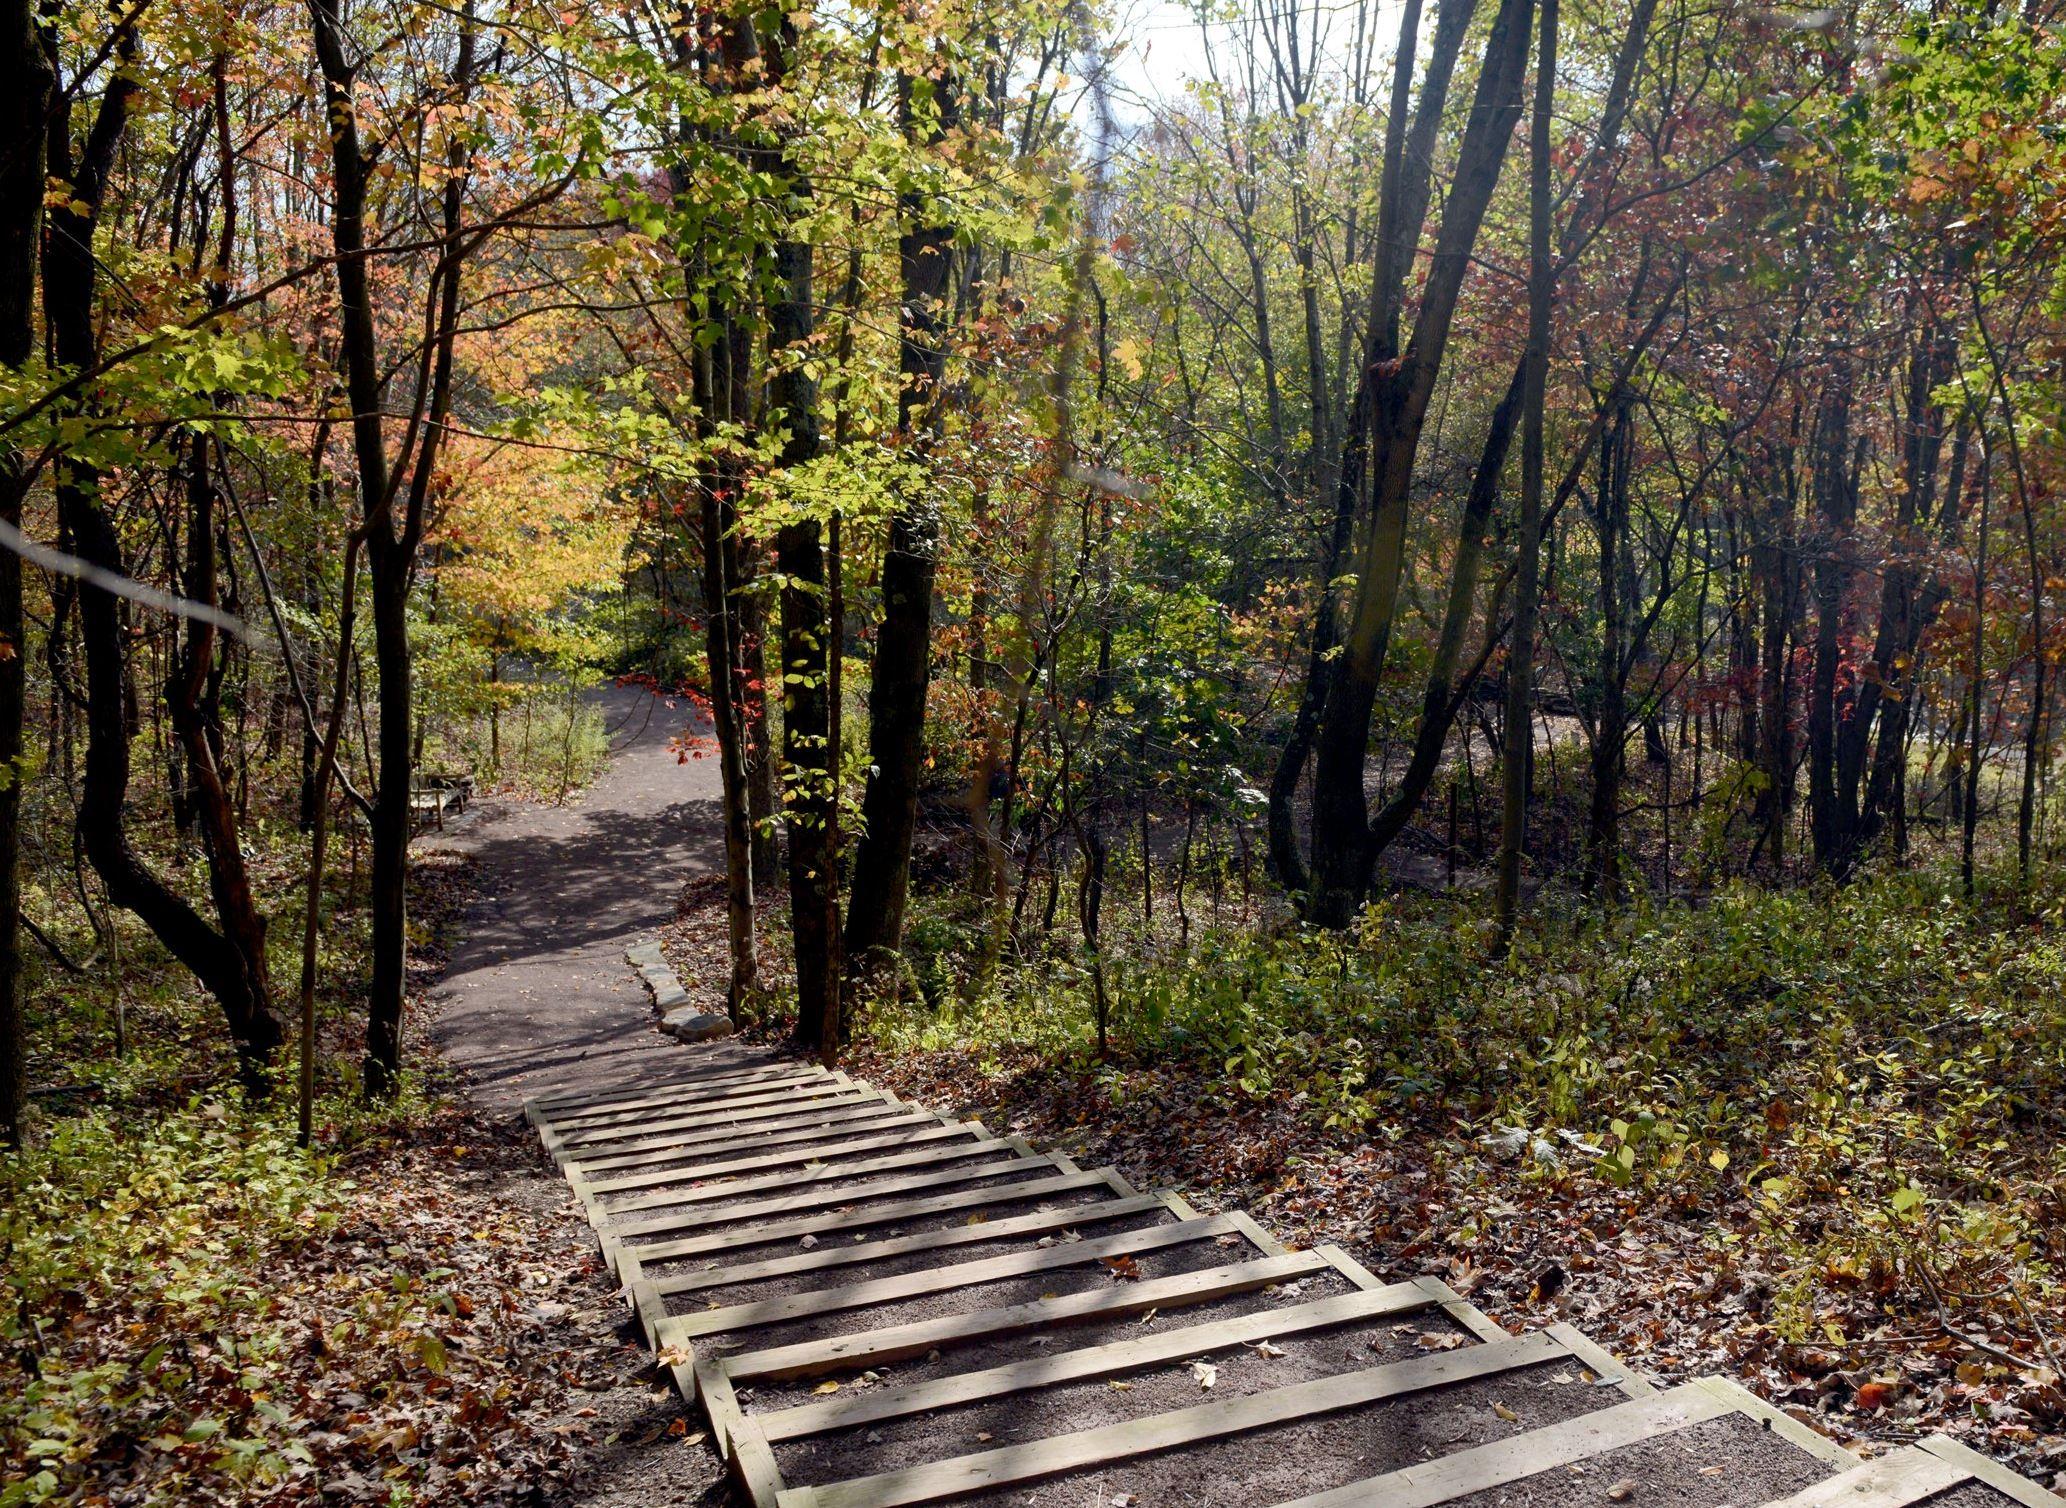 Pittsburgh Botanic Garden In Settler 39 S Cabin Park Opens